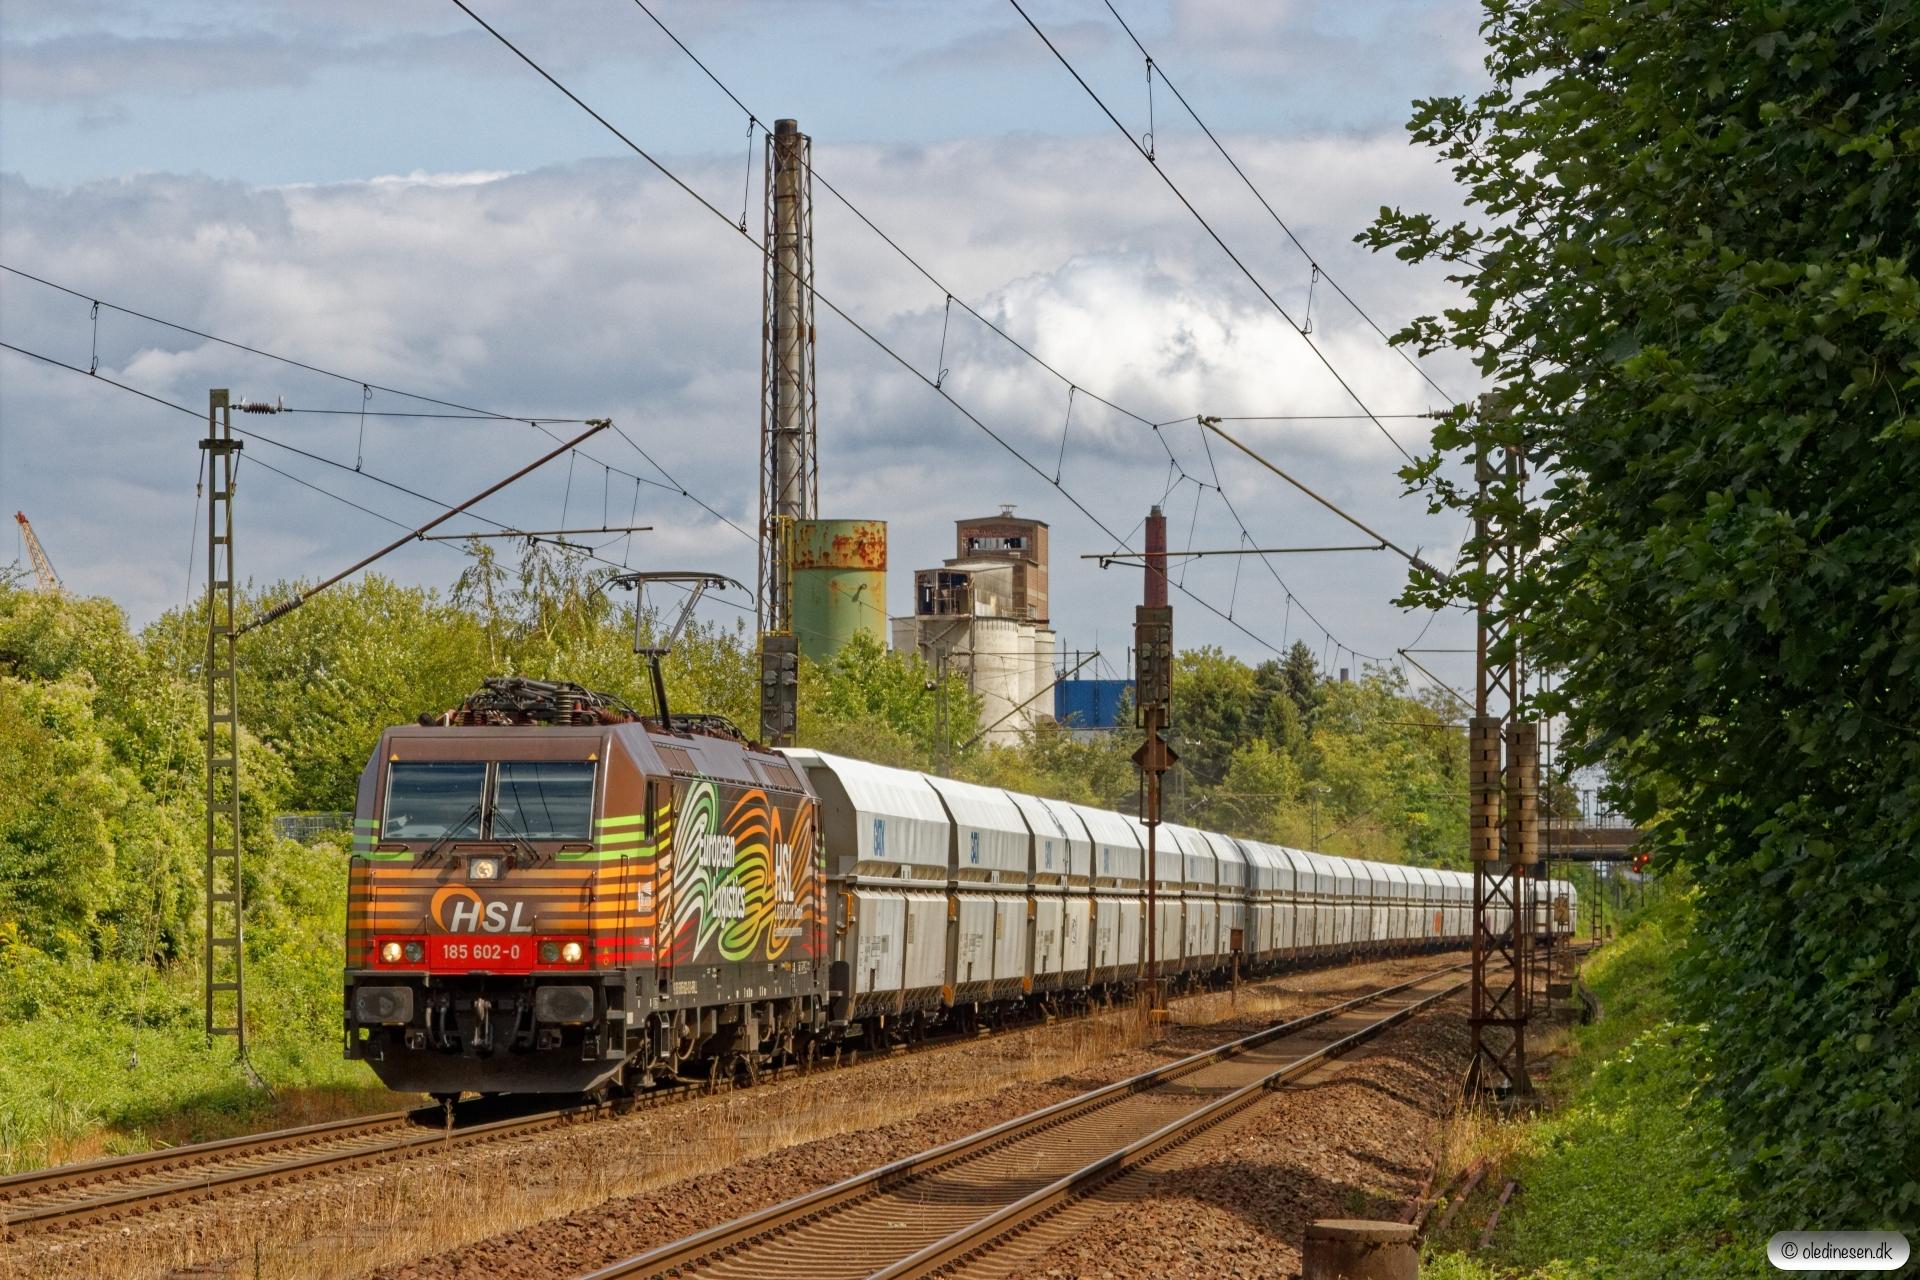 BRLL 185 602-0+Falns vogne. Misburg 13.08.2019.